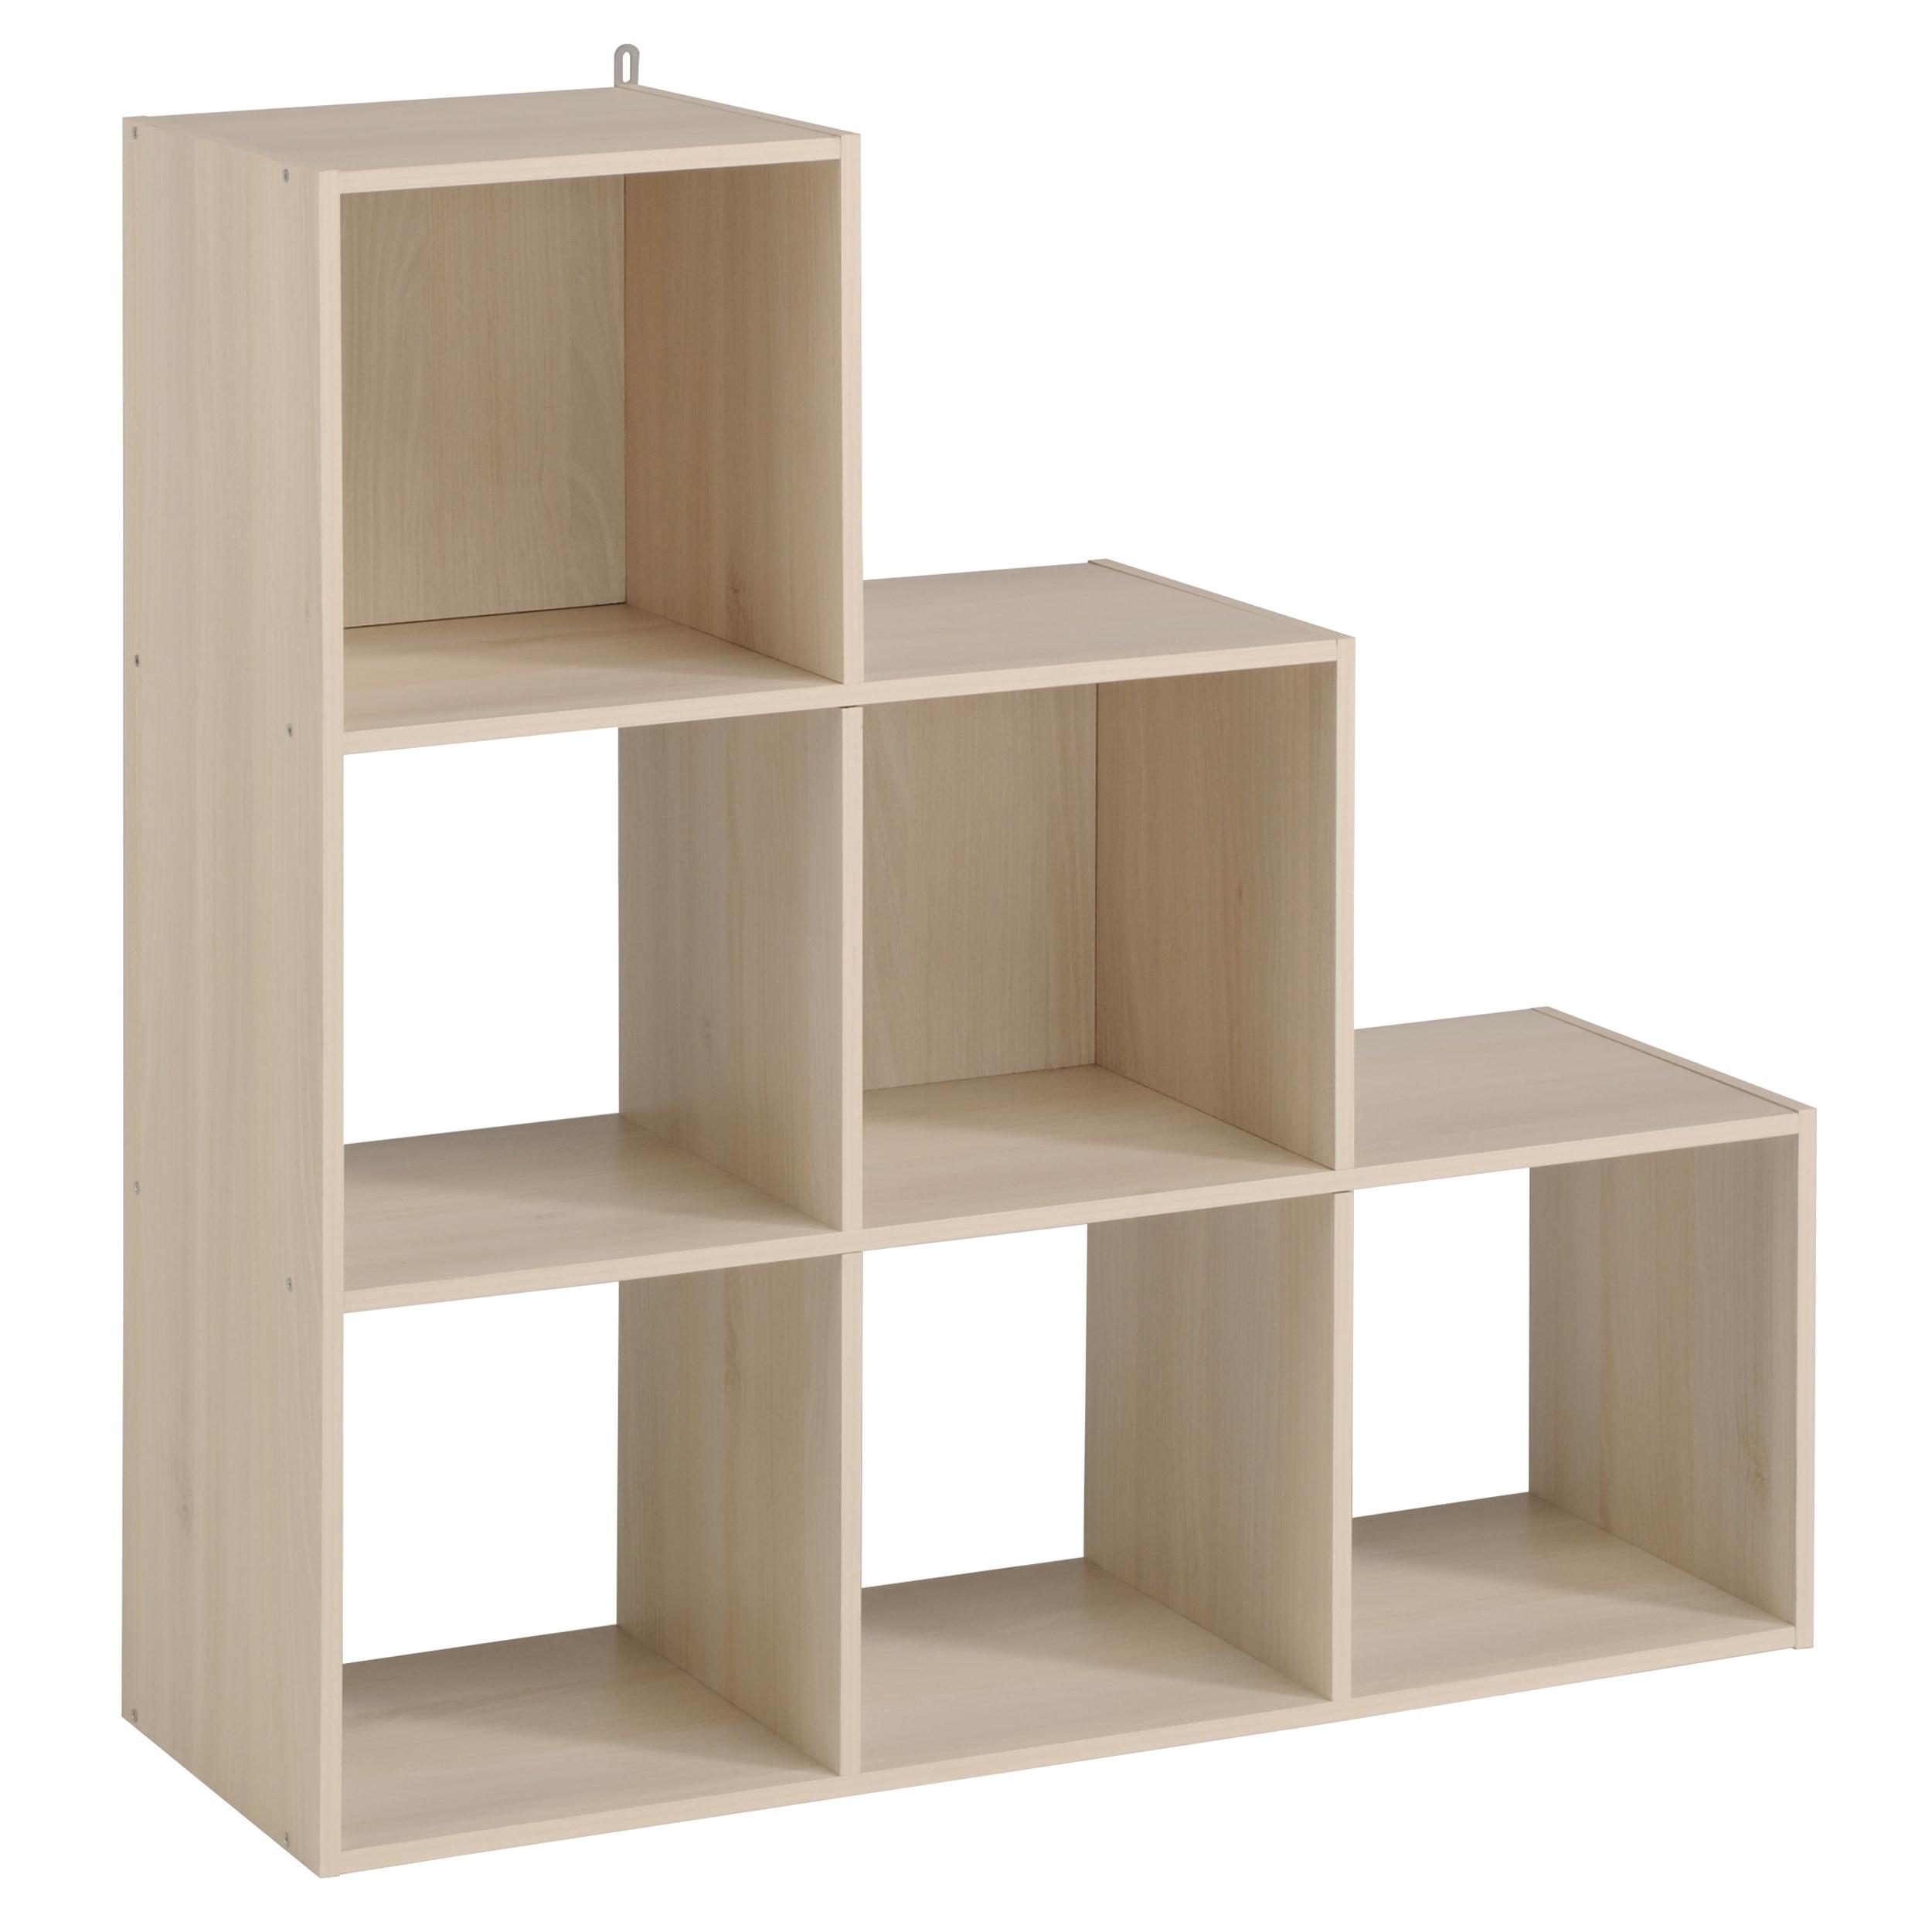 escalier 6 cases naturel kaza. Black Bedroom Furniture Sets. Home Design Ideas